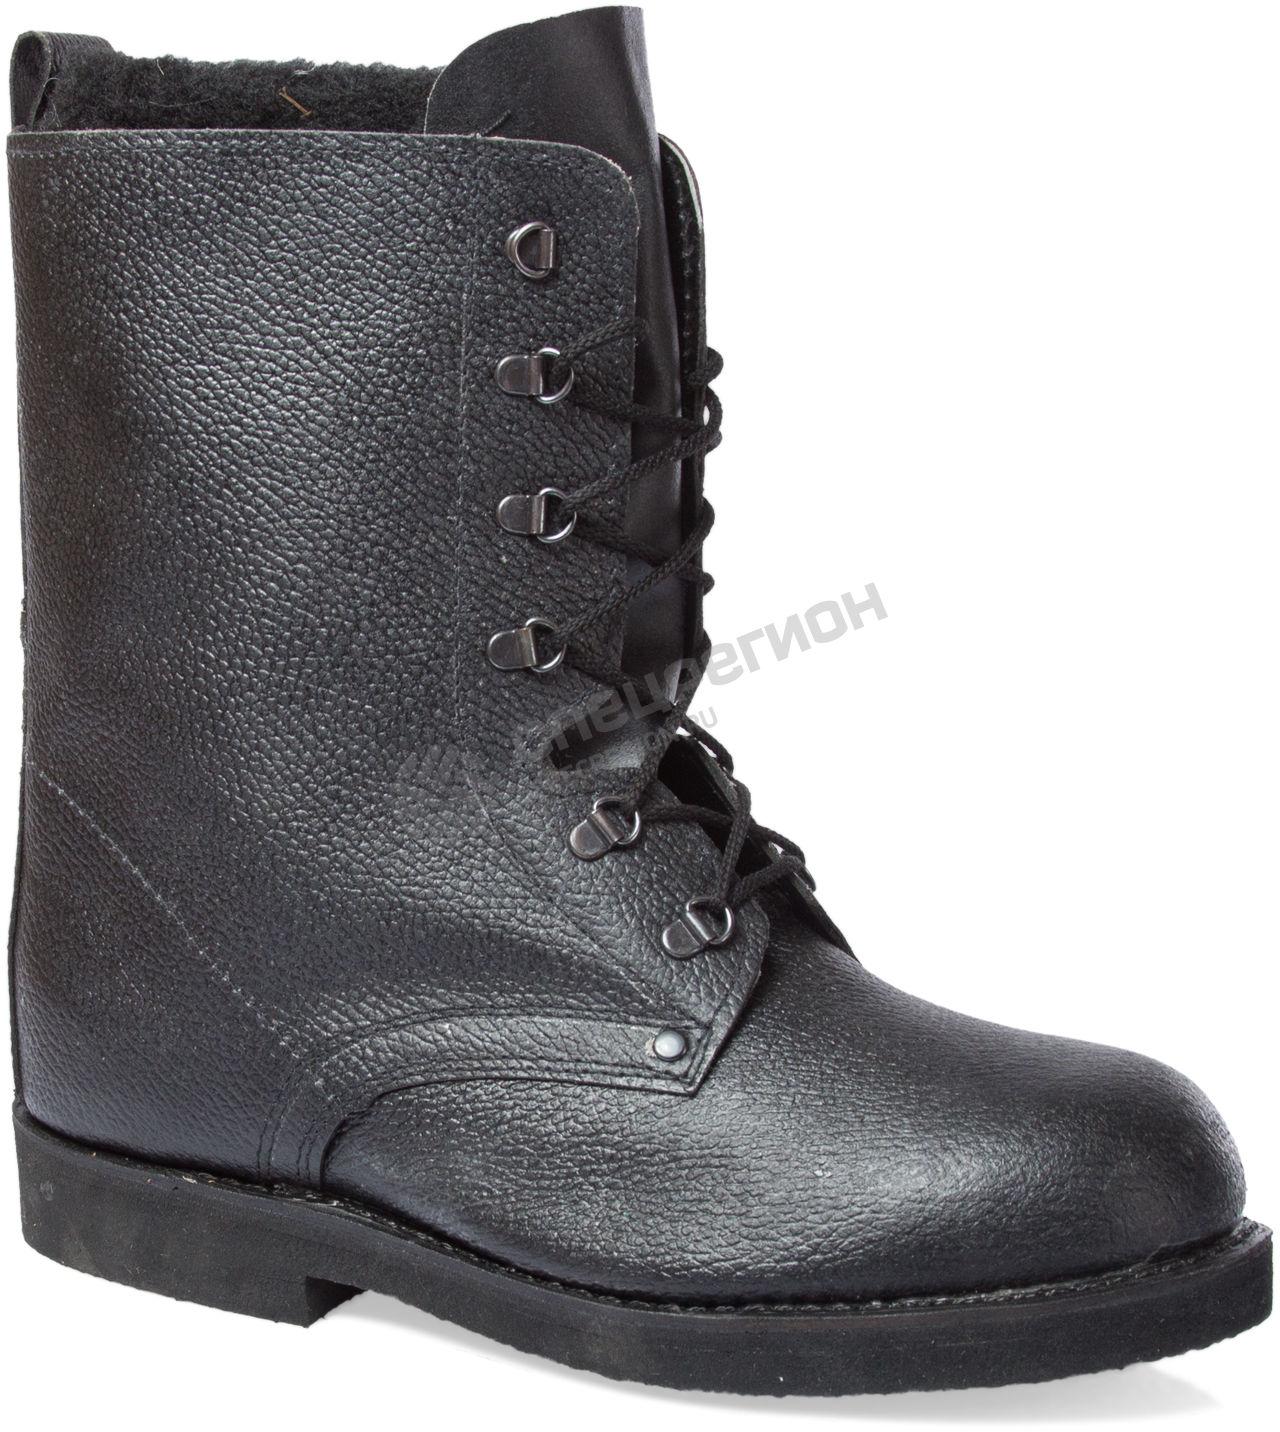 b6c9f0ac6 Ботинки кожаные с высоким берцем зимние Иртыш — купить по низкой ...